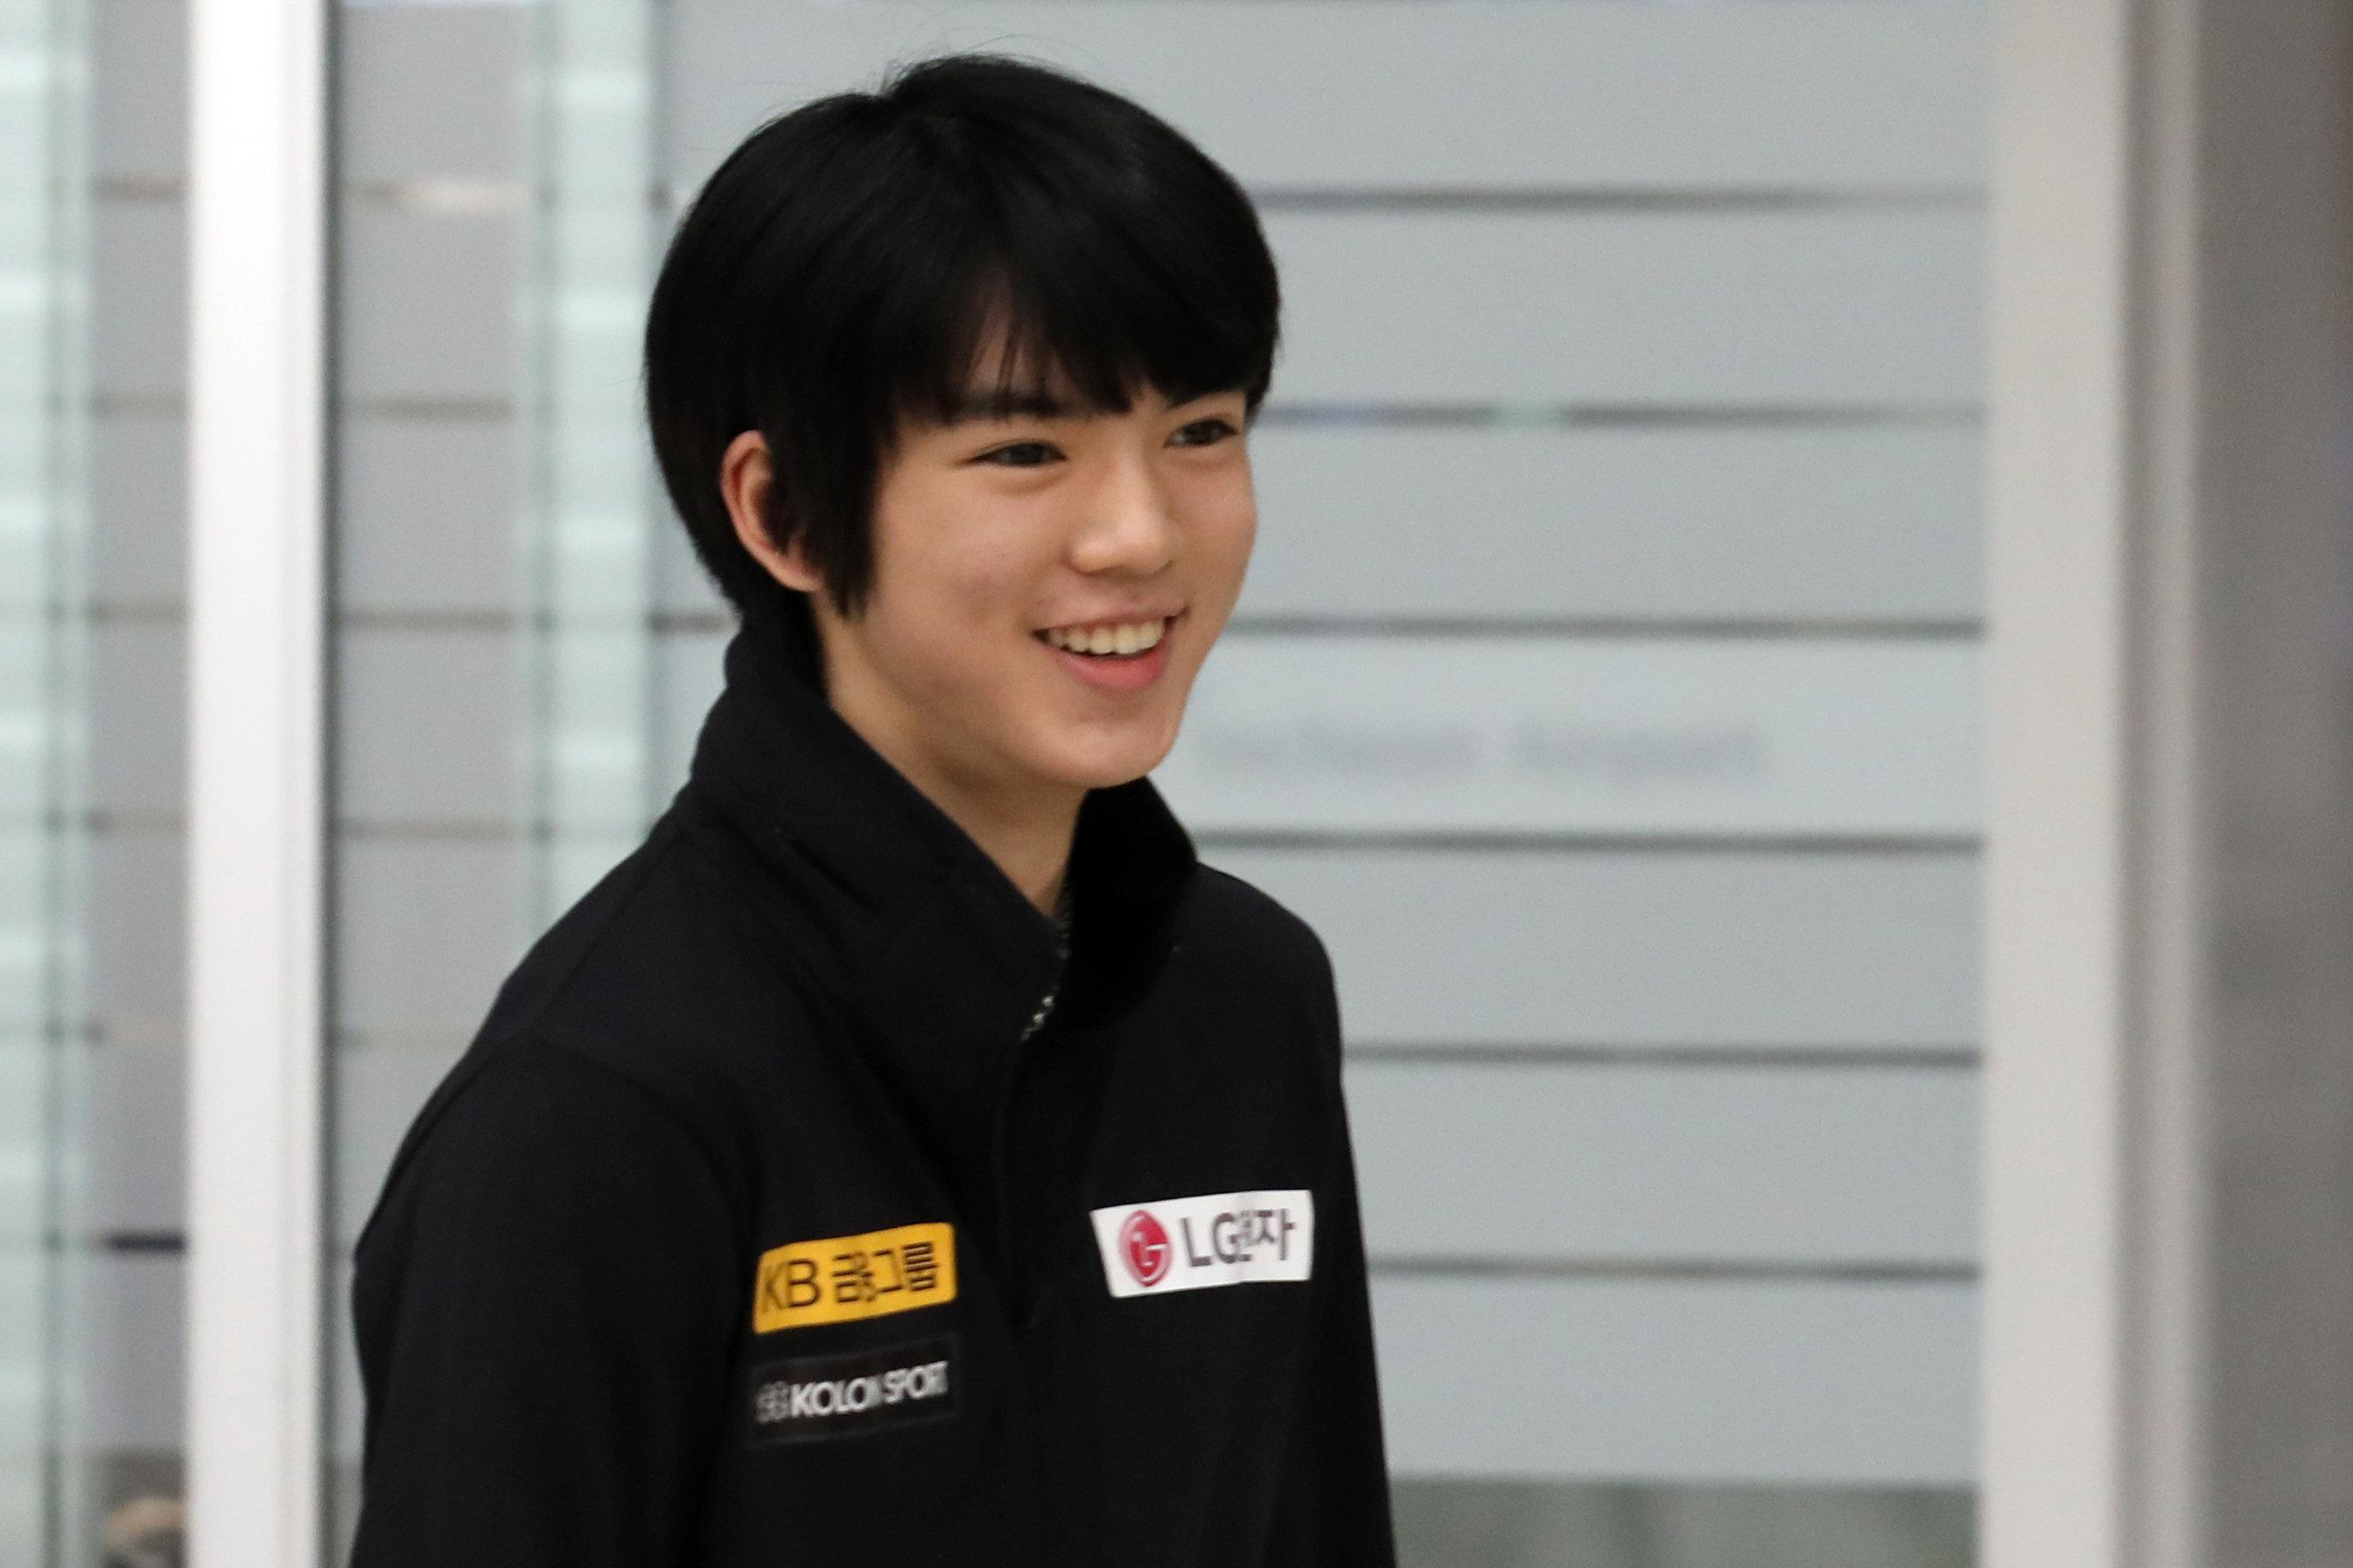 차준환이 '한국 남자 선수 최초 그랑프리 파이널 메달' 획득 후 밝힌